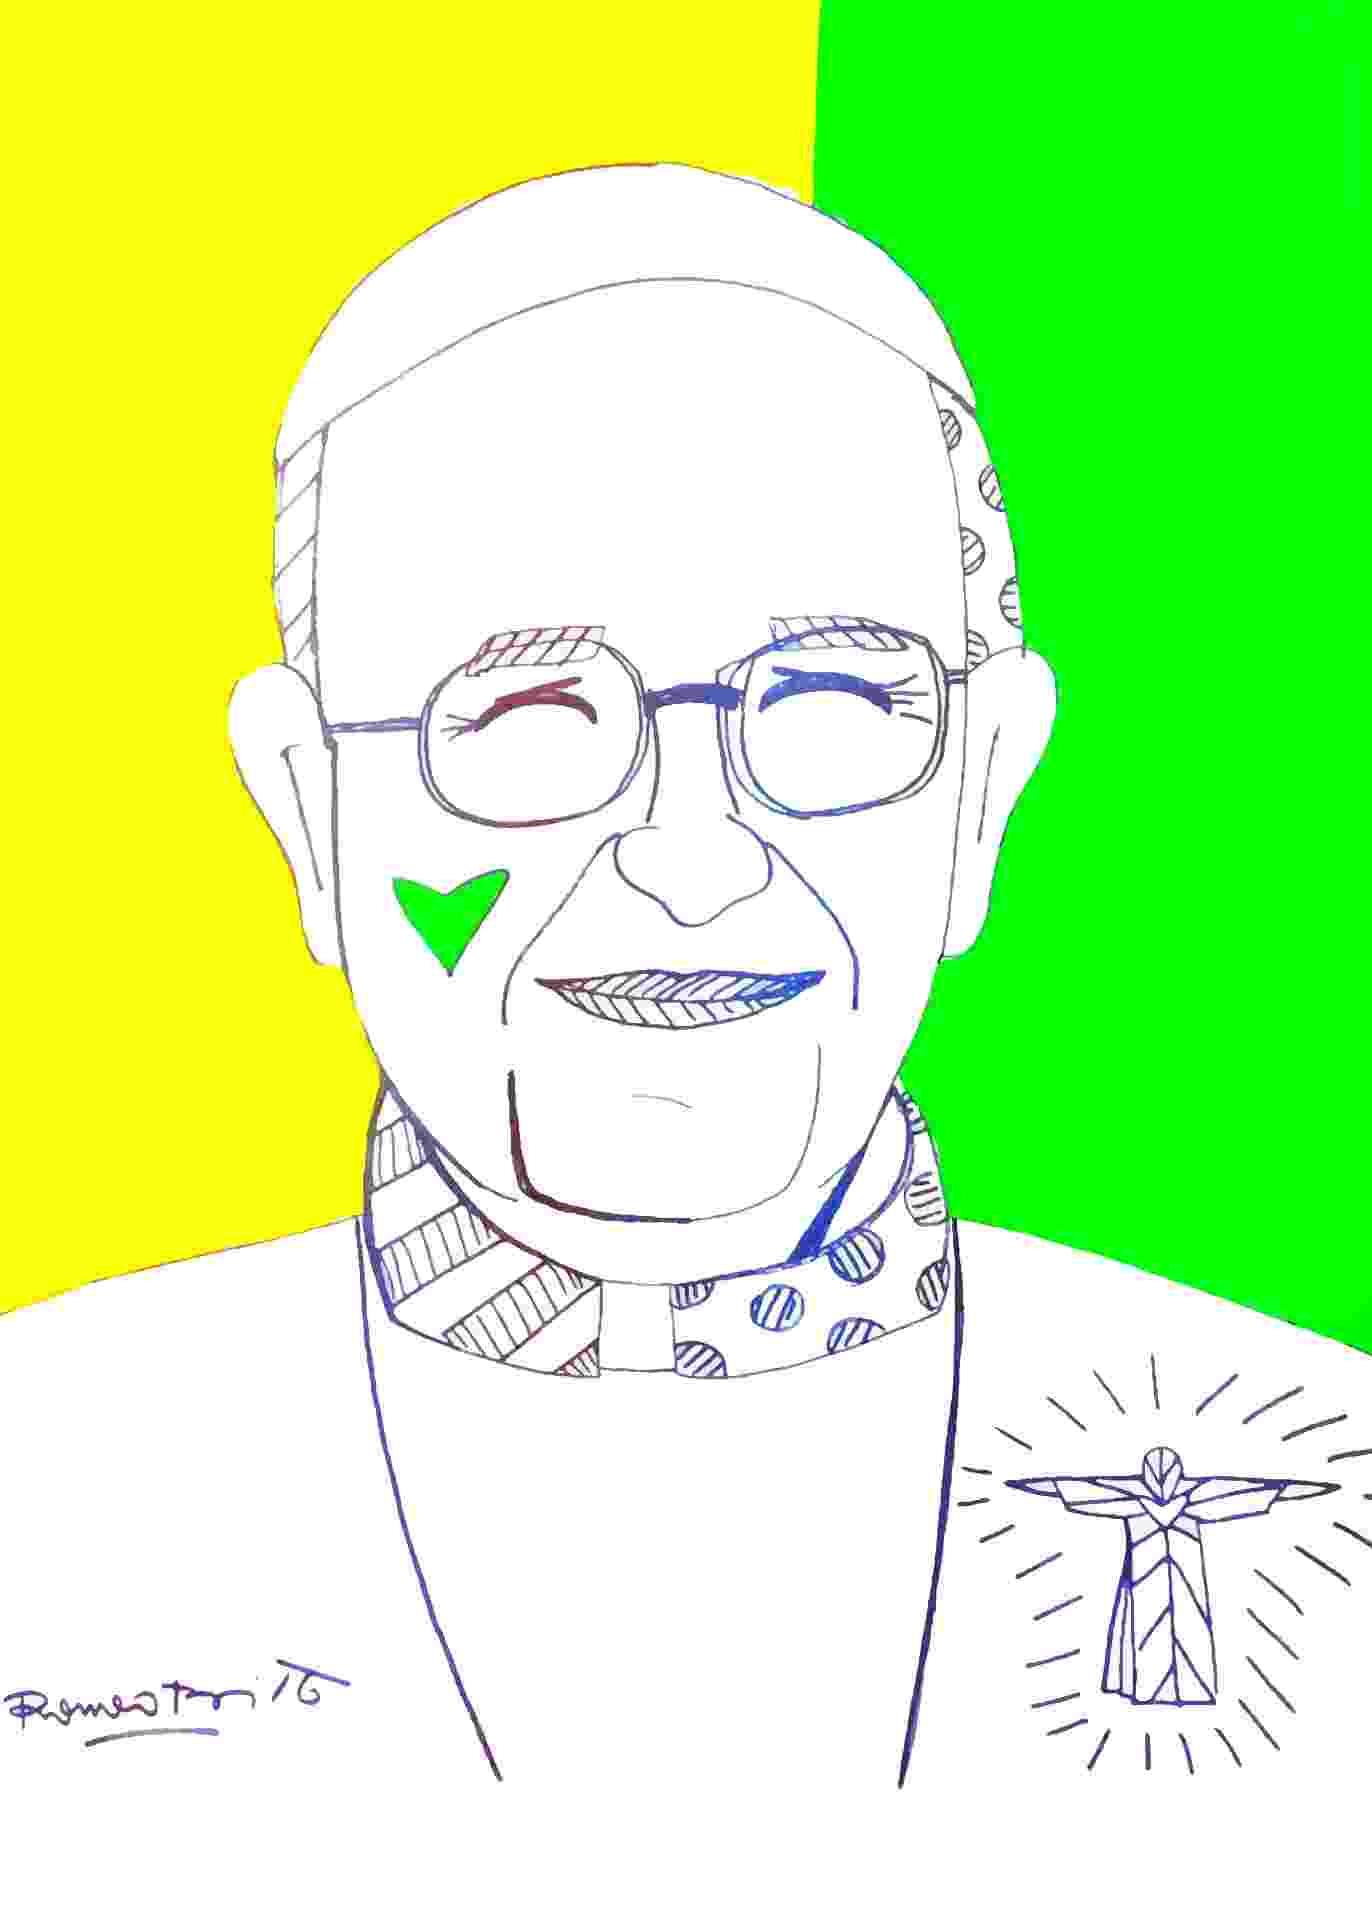 Desenho feito por Romero Britto para homenagear o Papa Francisco durante a passagem do pontífice pelo Brasil - Divulgação